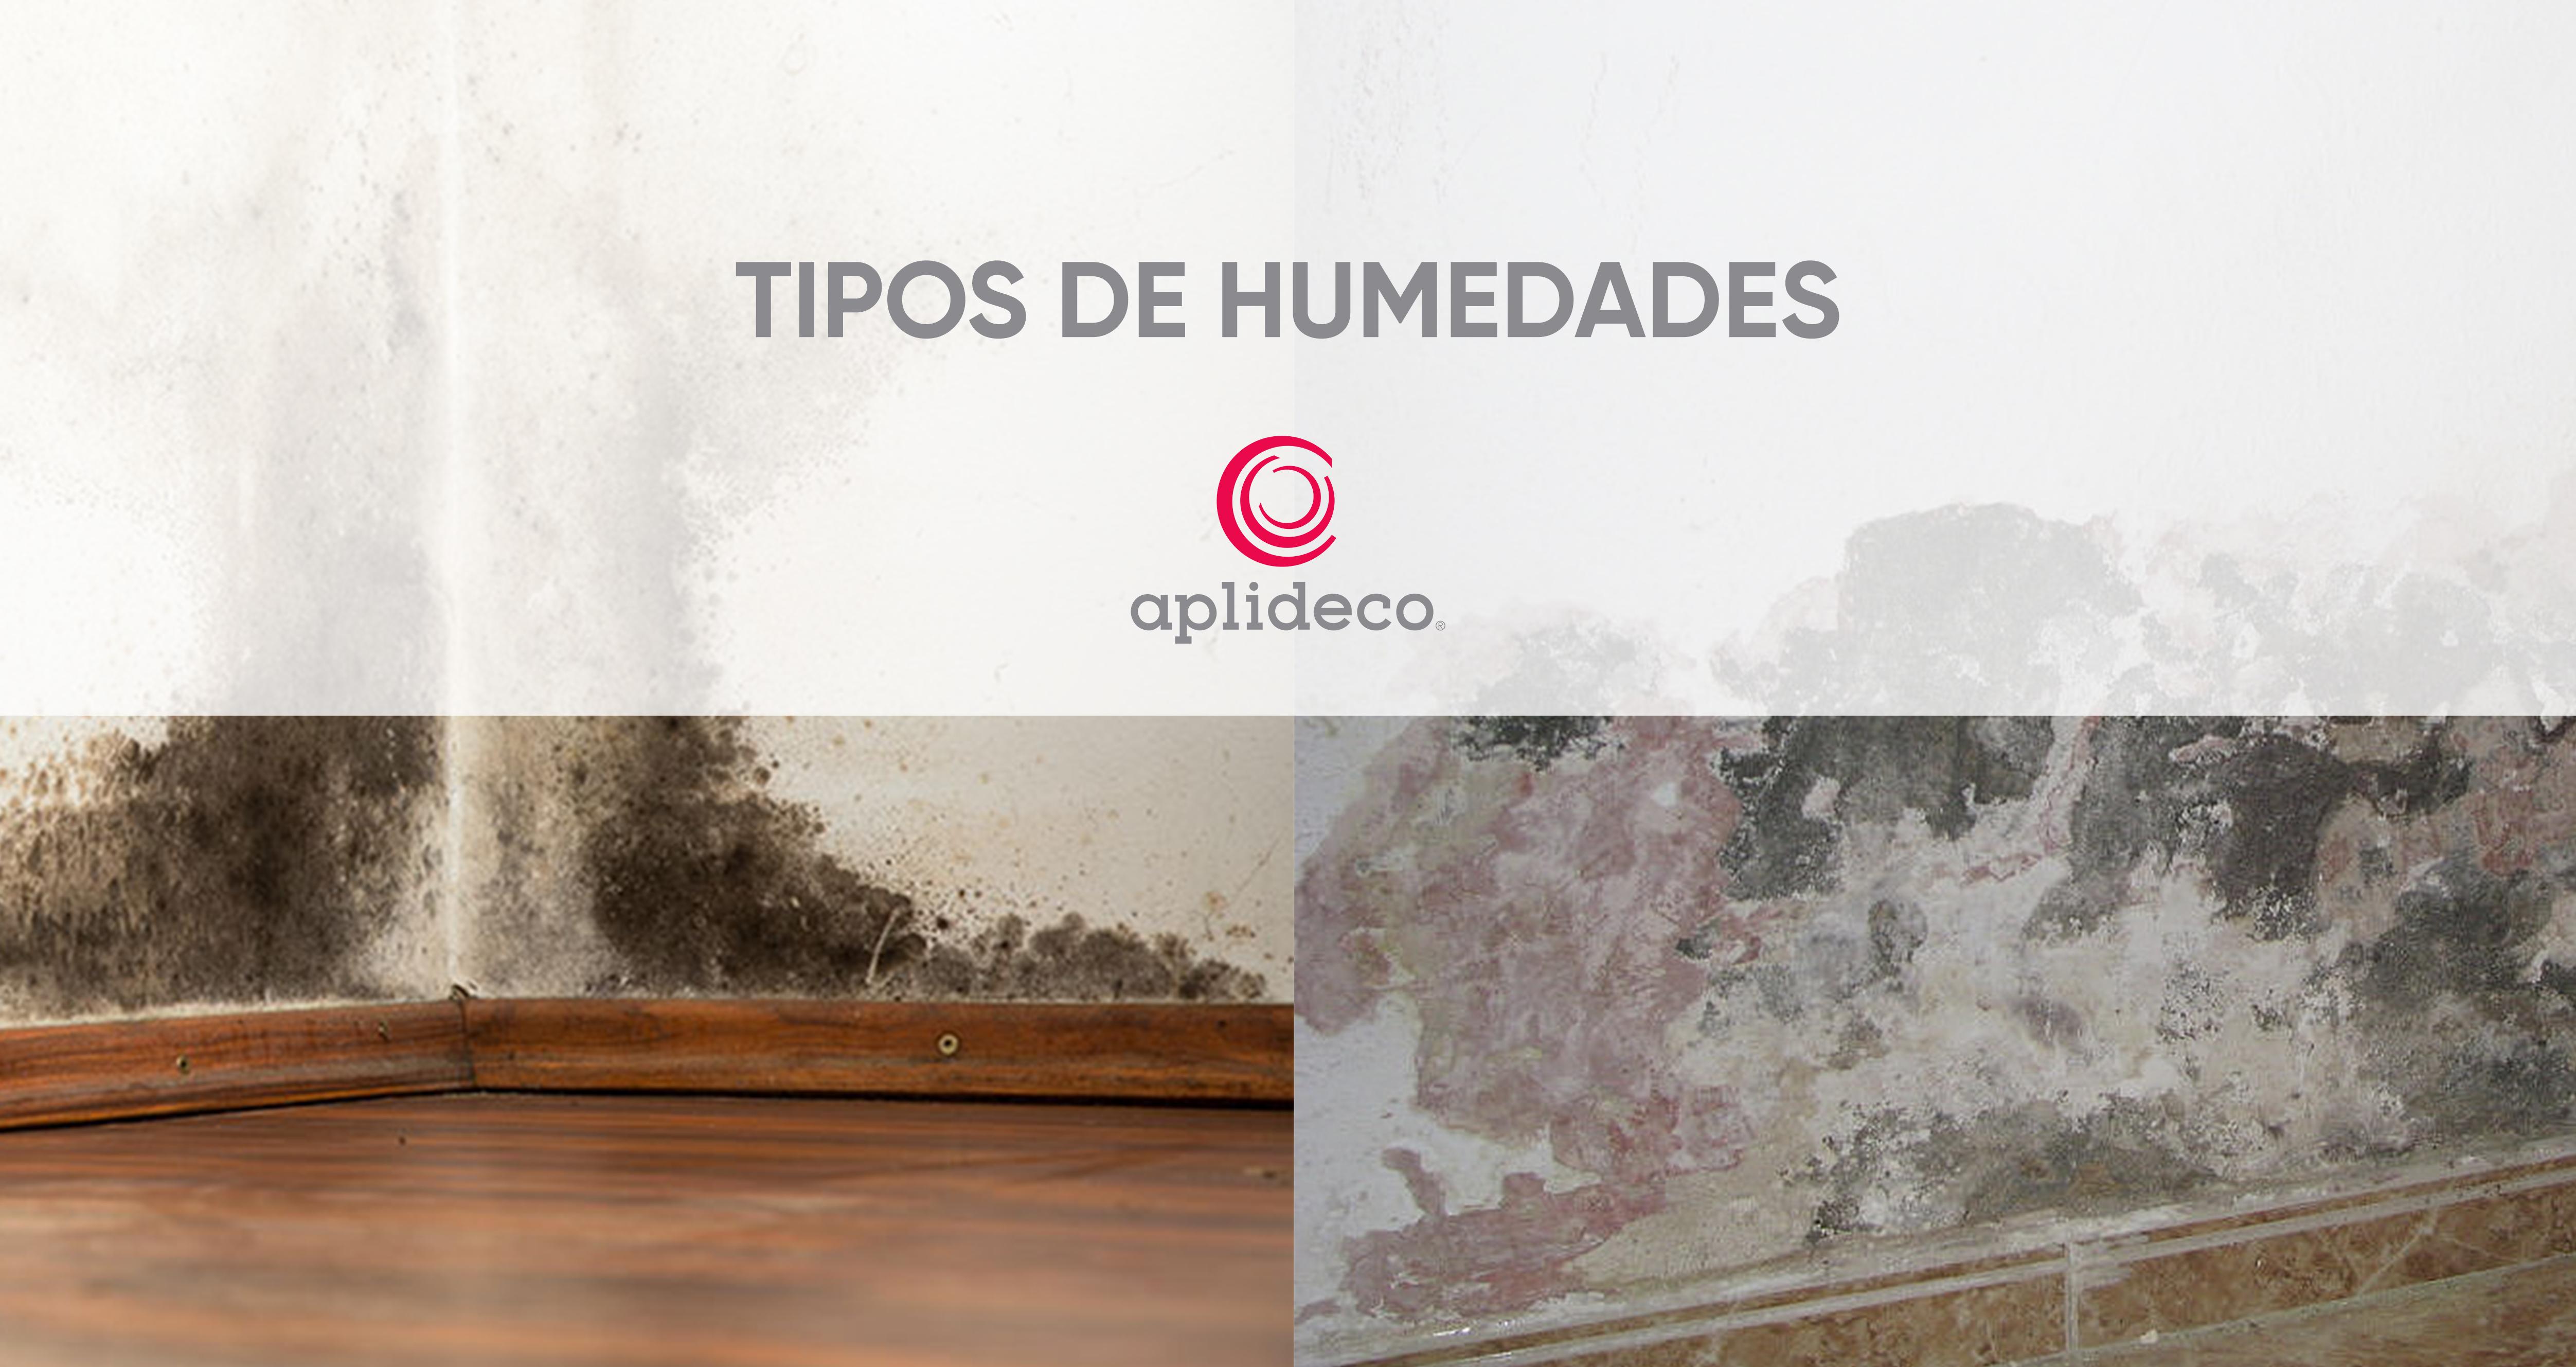 TIPOS DE HUMEDADES EN VIVIENDAS